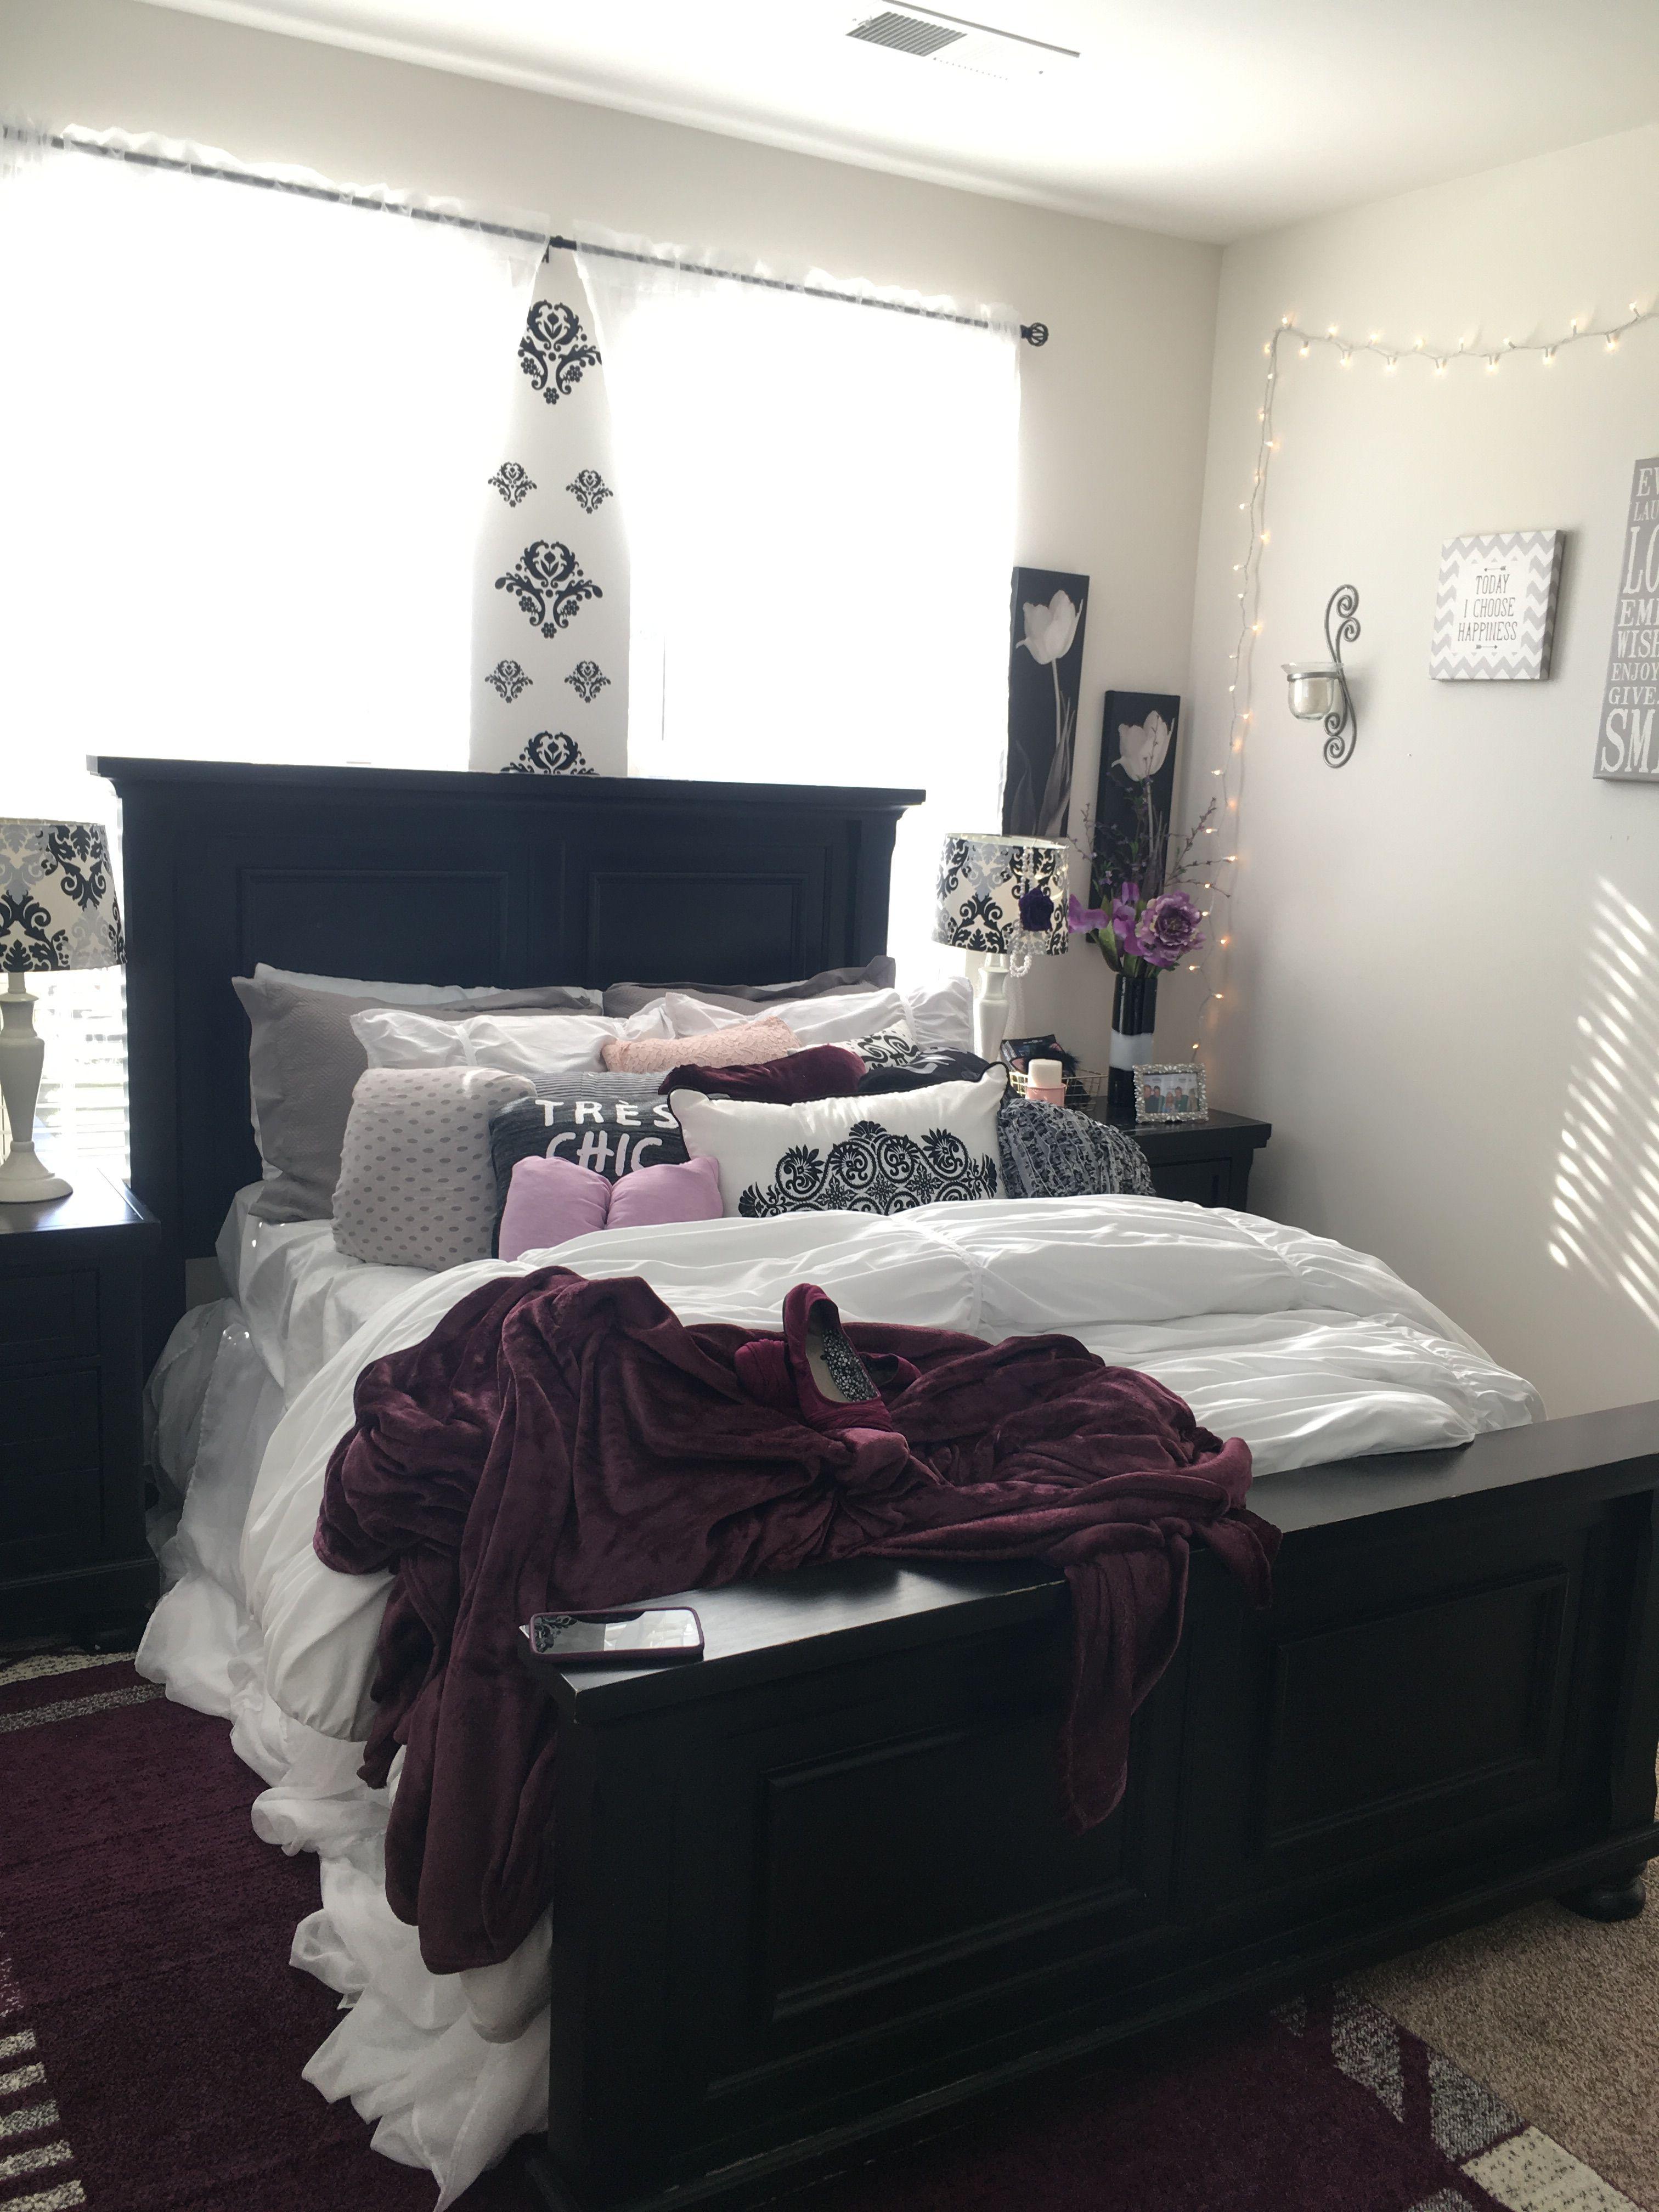 Bedroom Stuff, Bedroom Office, Dream Bedroom, Bedroom Decor, Bedroom Ideas,  Teen Girl Bedrooms, Extra Rooms, Room Organization, House Goals